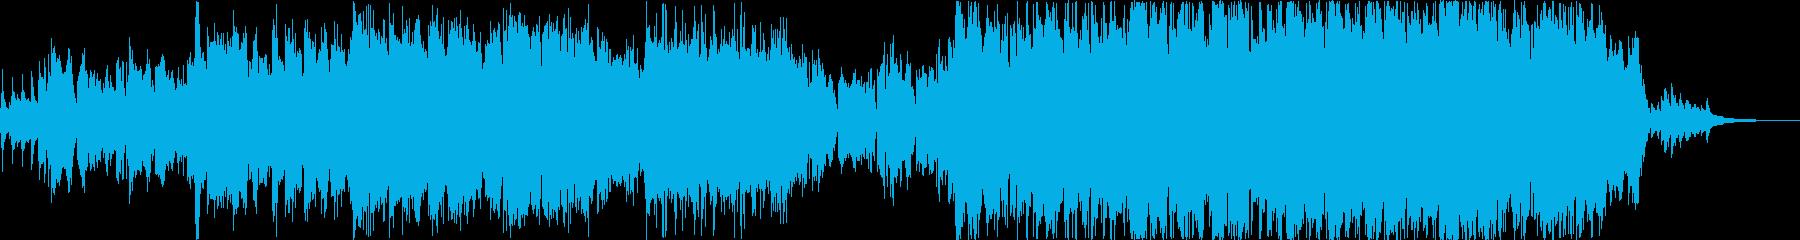 尺八の生演奏による感動的な雰囲気の曲の再生済みの波形